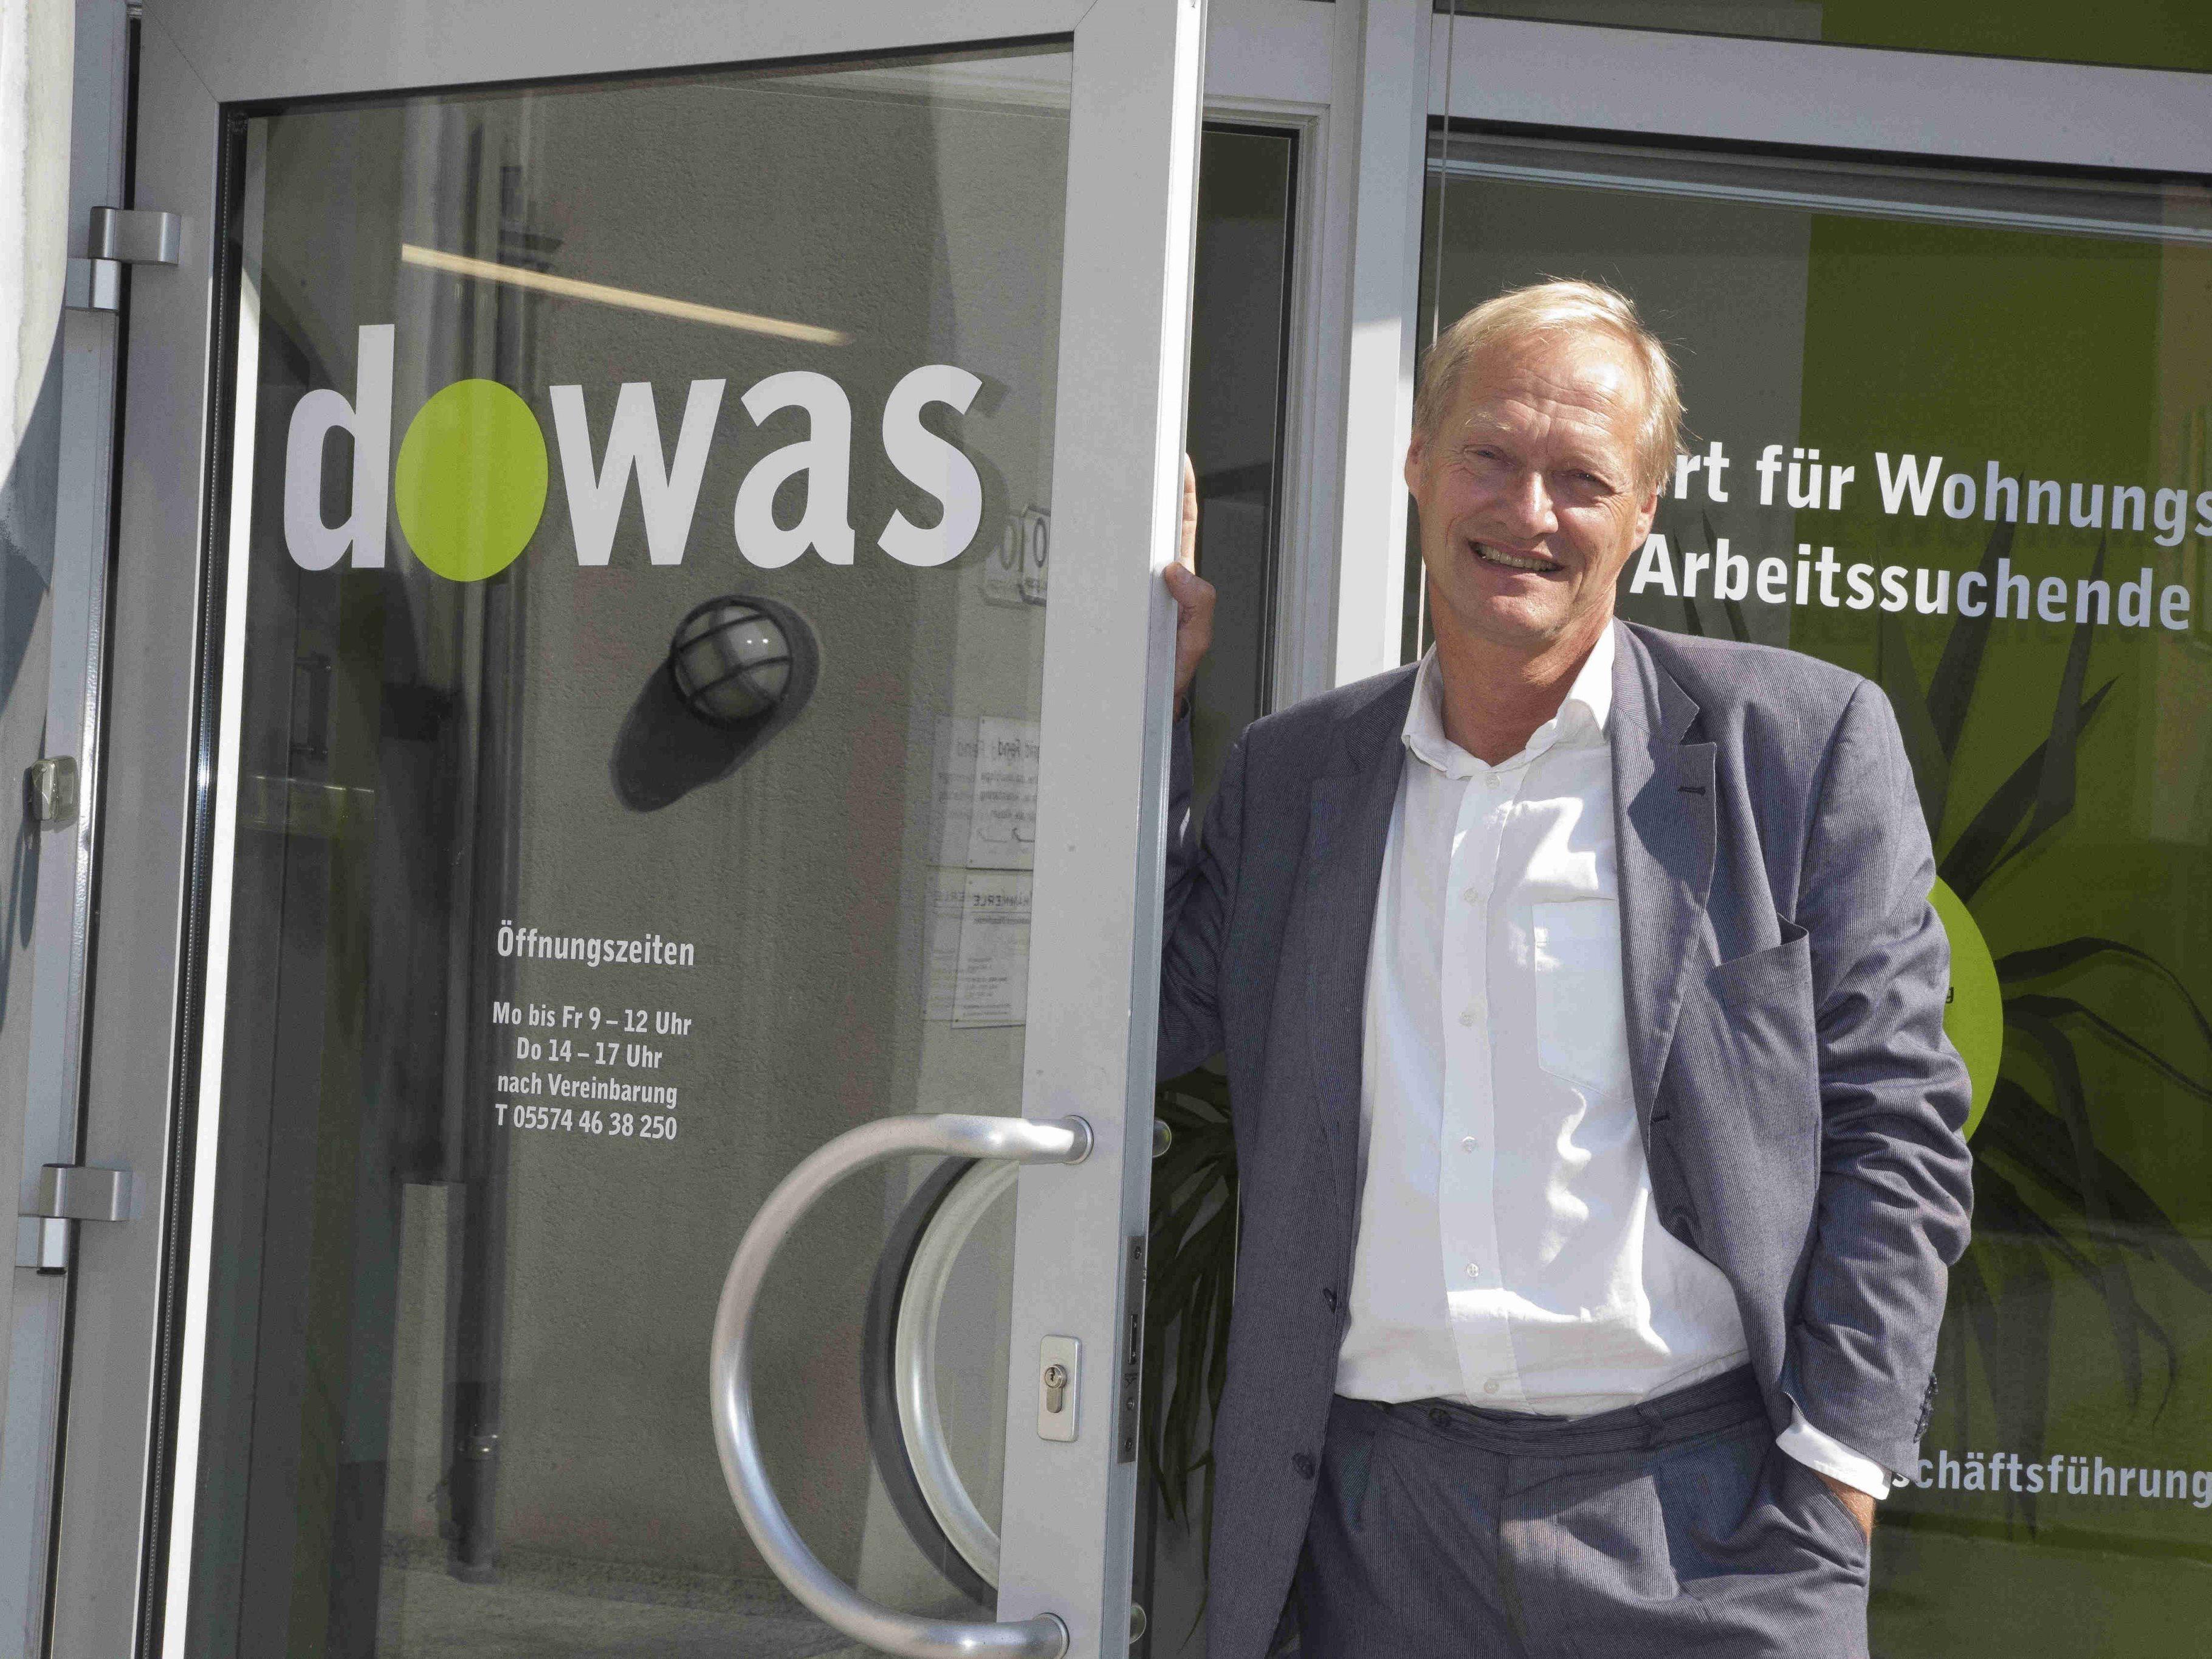 GF Michale Diettrich vom DOWAs in Bregenz sieht unerfreulichen Trend.